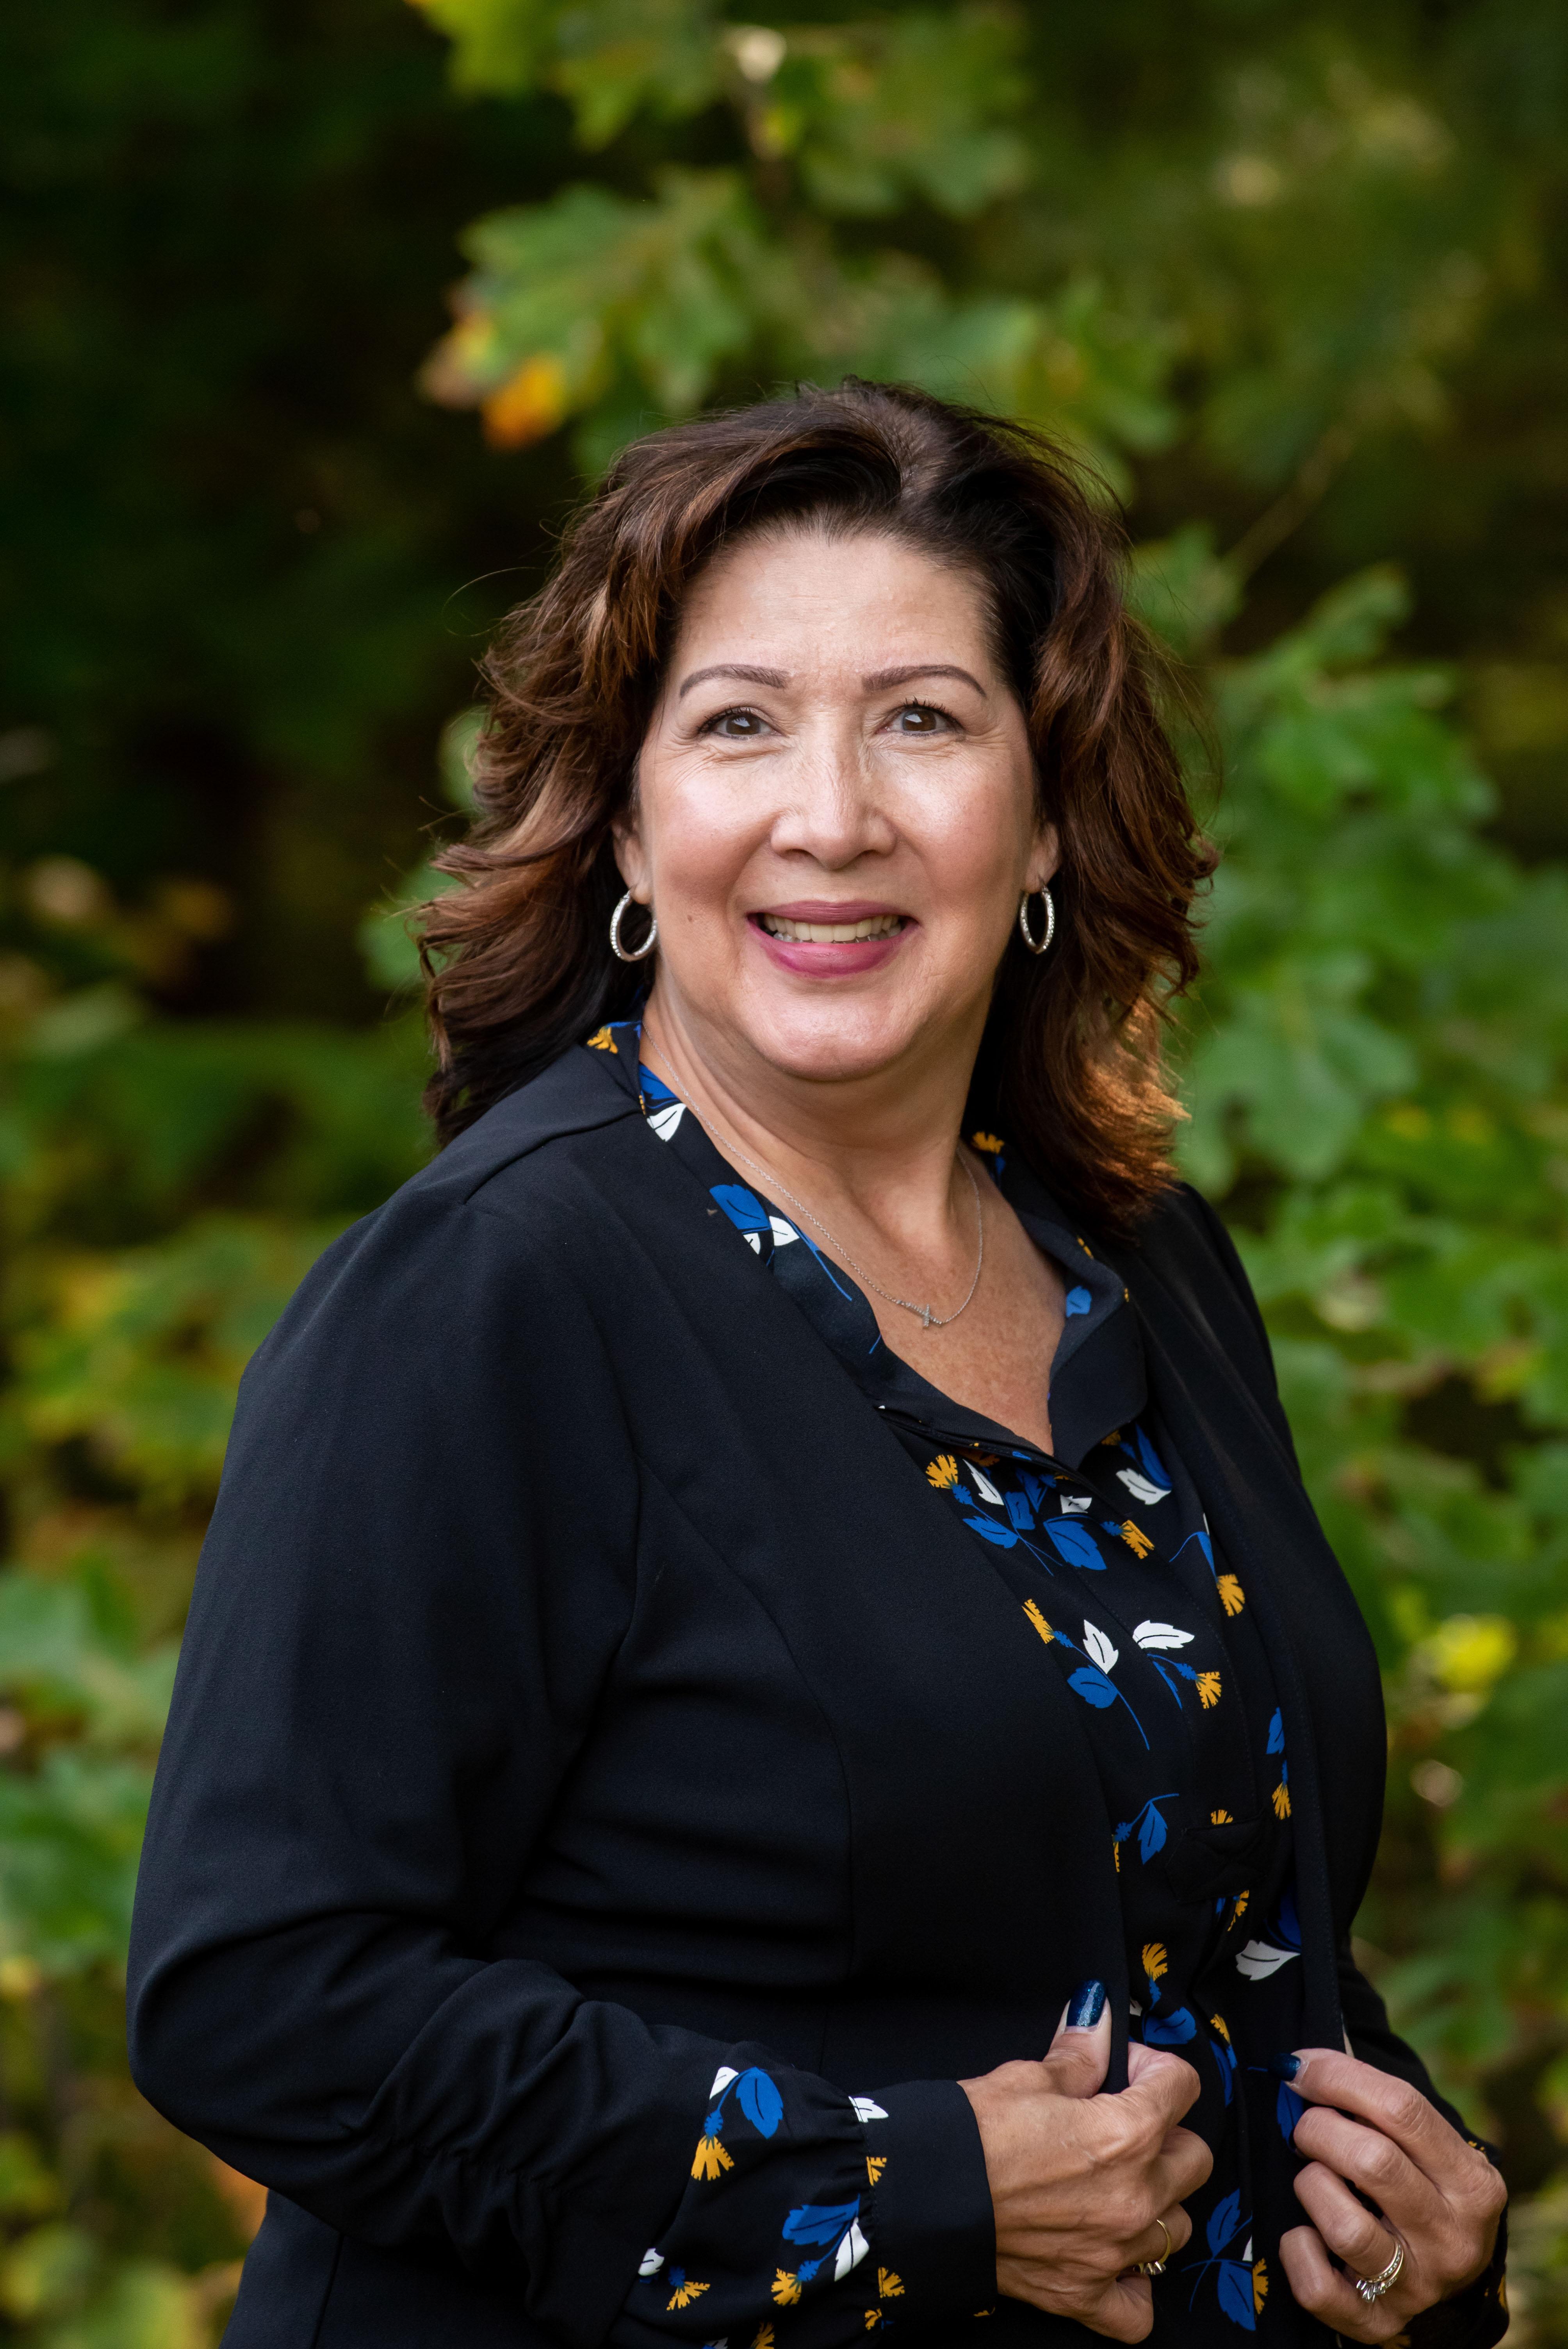 Juanita Maffetore